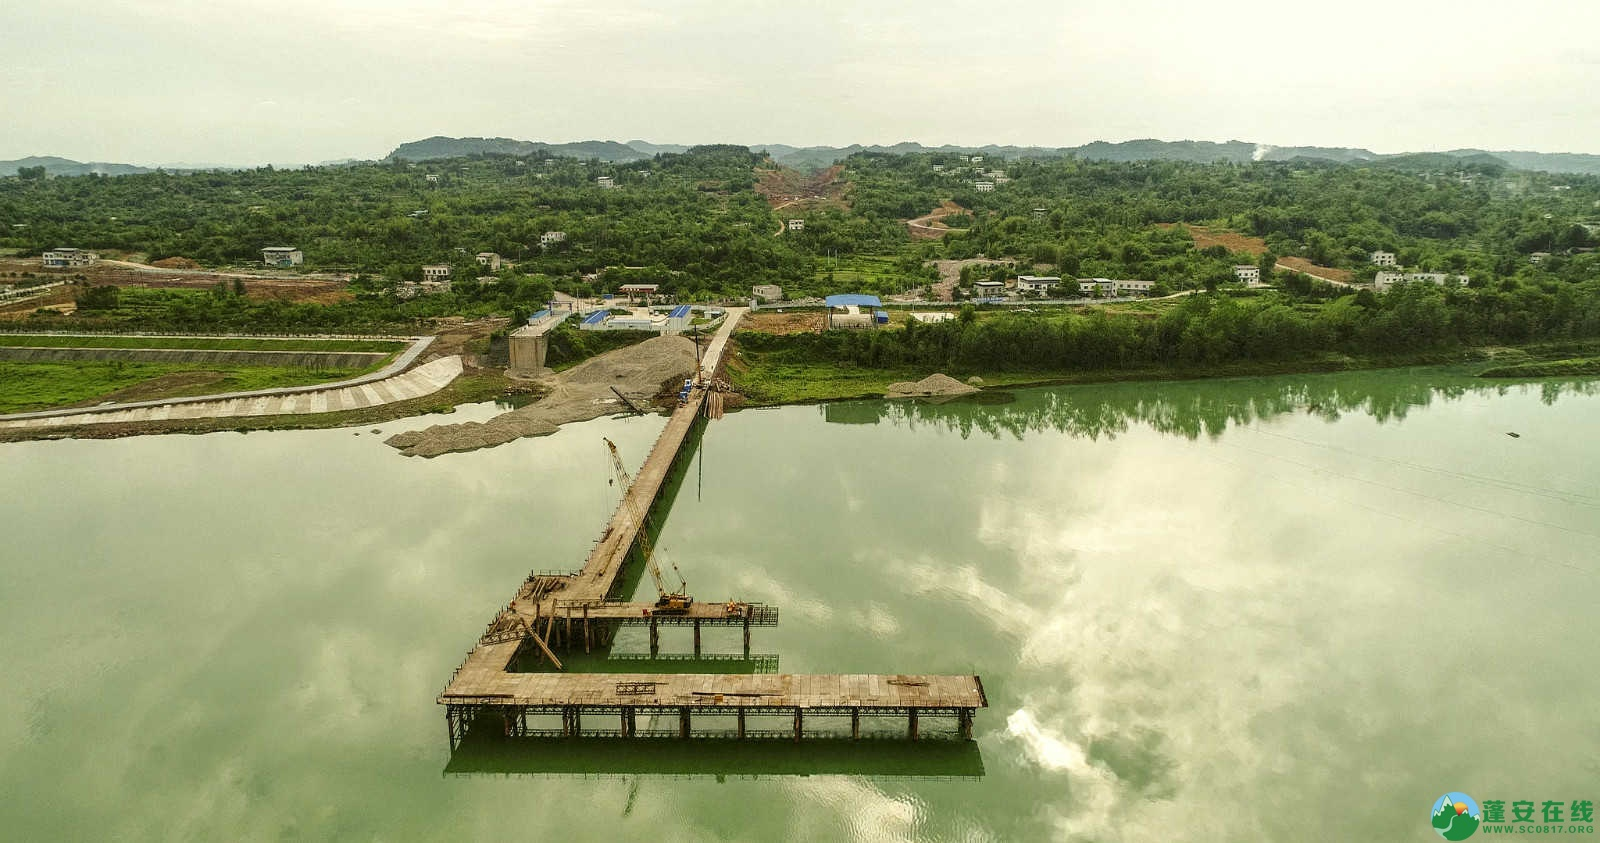 蓬安嘉陵江一桥修建进(2019年5月11日) - 第17张  | 蓬安在线